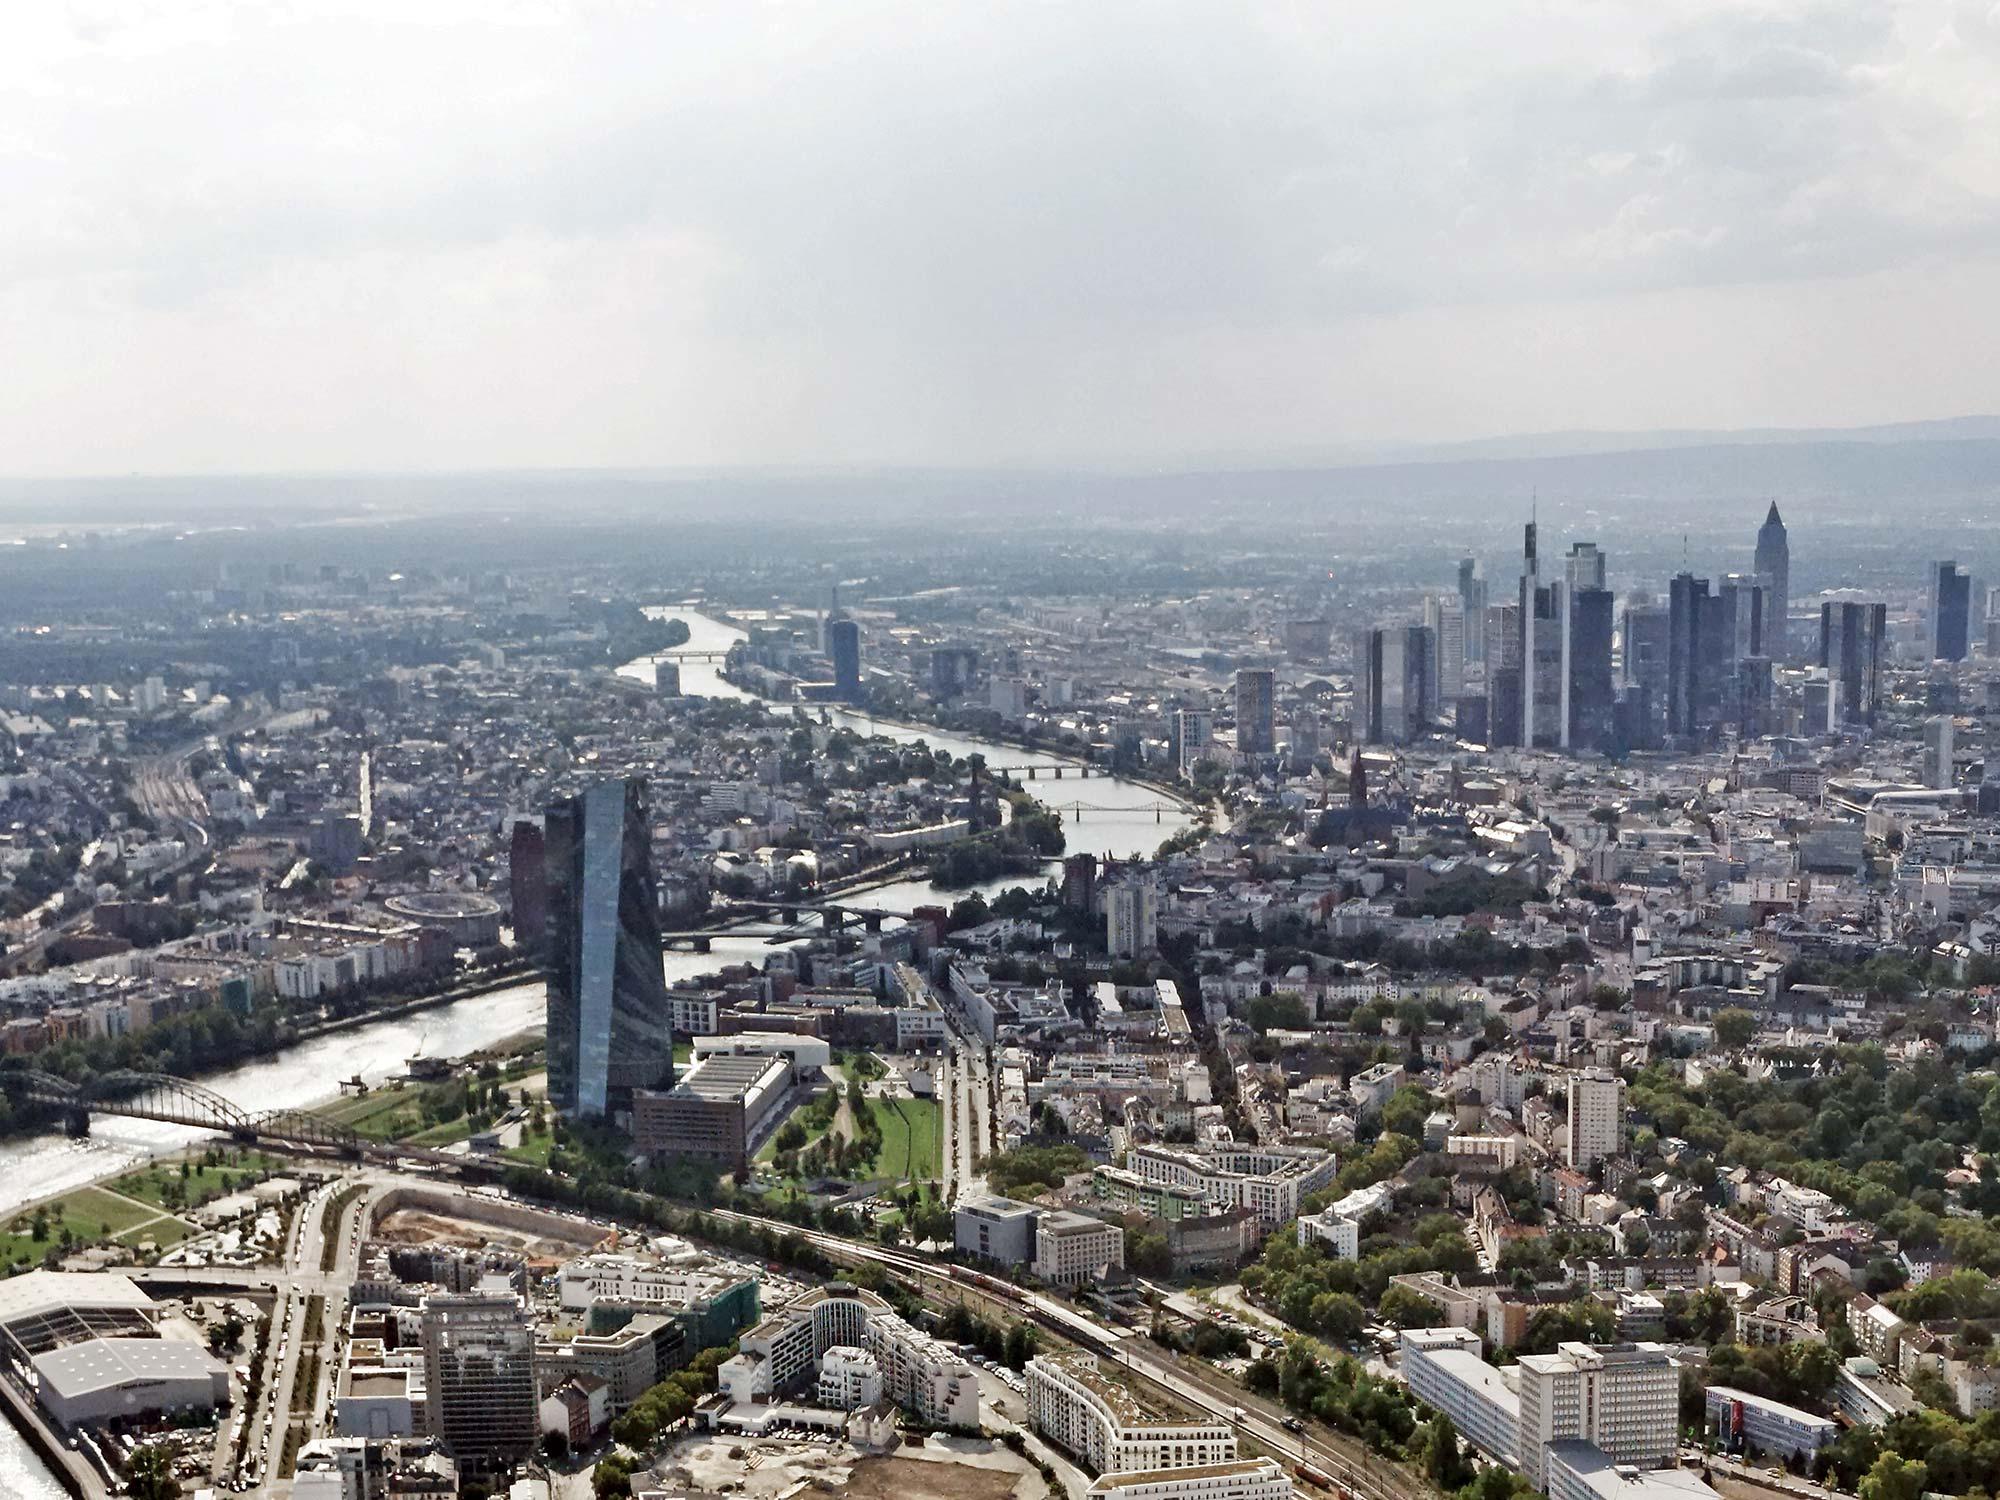 Zwei Planungsgemeinschaften erarbeiten neuen Hochhausentwicklungsplan